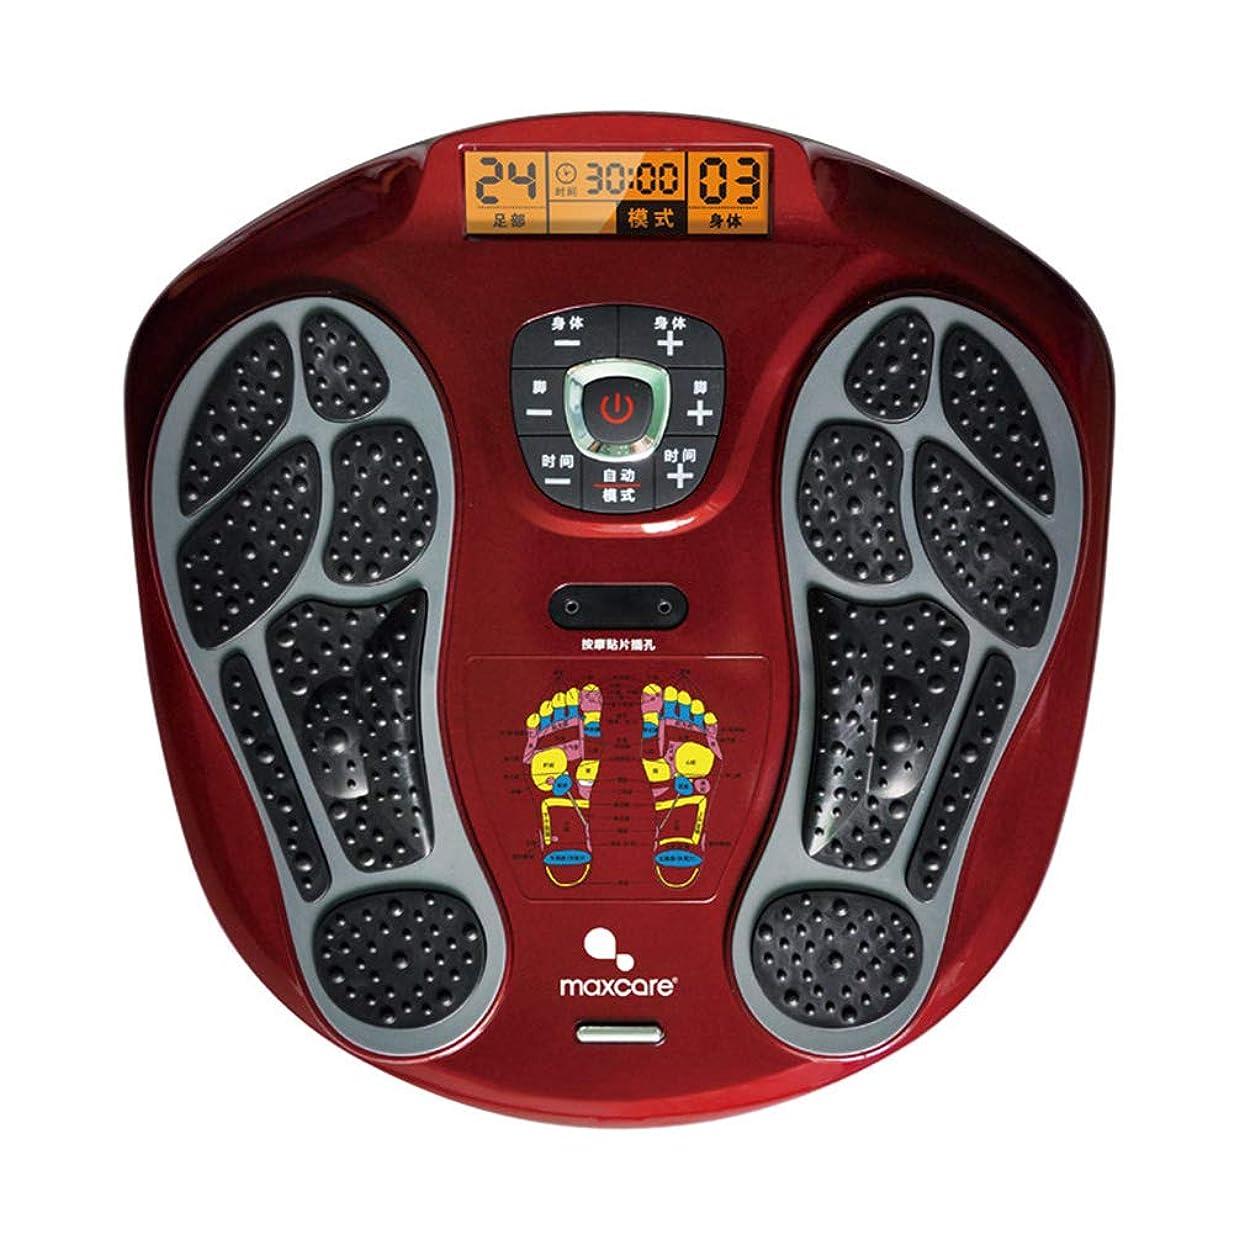 望ましい雑草残り電気の 足マッサージャー指圧、ワイヤレスコントロール、足マッサージ機電気足マッサージャーと足底筋膜炎痛みホームオフィス 人間工学的デザイン